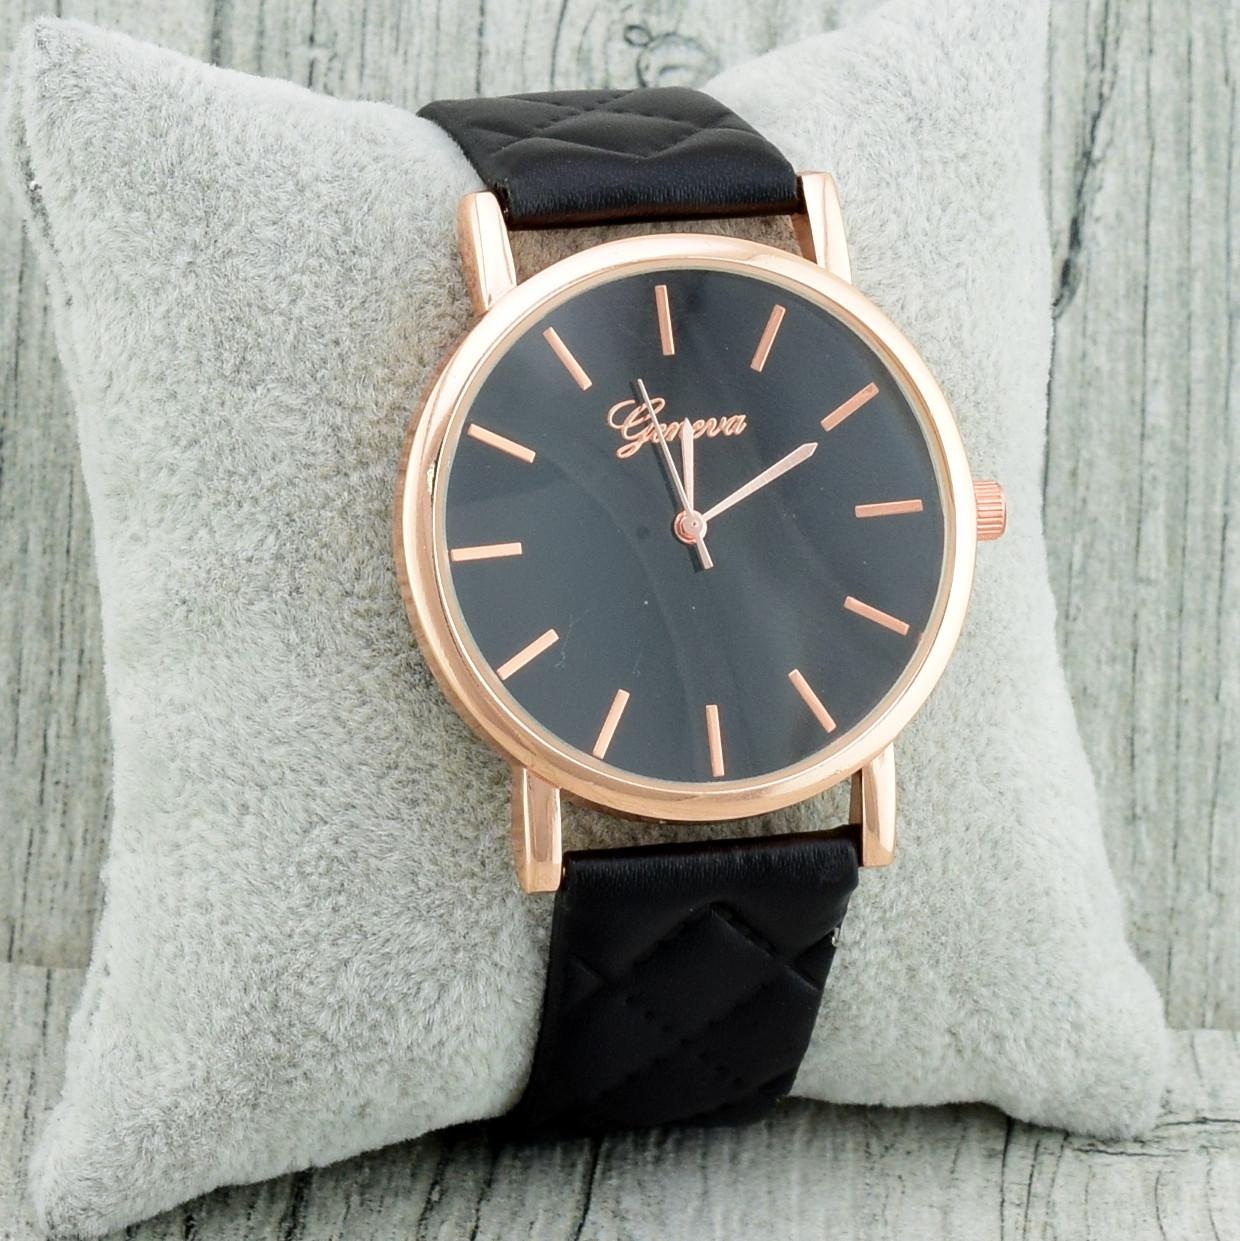 Часы G-080 диаметр циферблата 3.8 см, длина ремешка 17-21 см, чёрный цвет, позолота РО